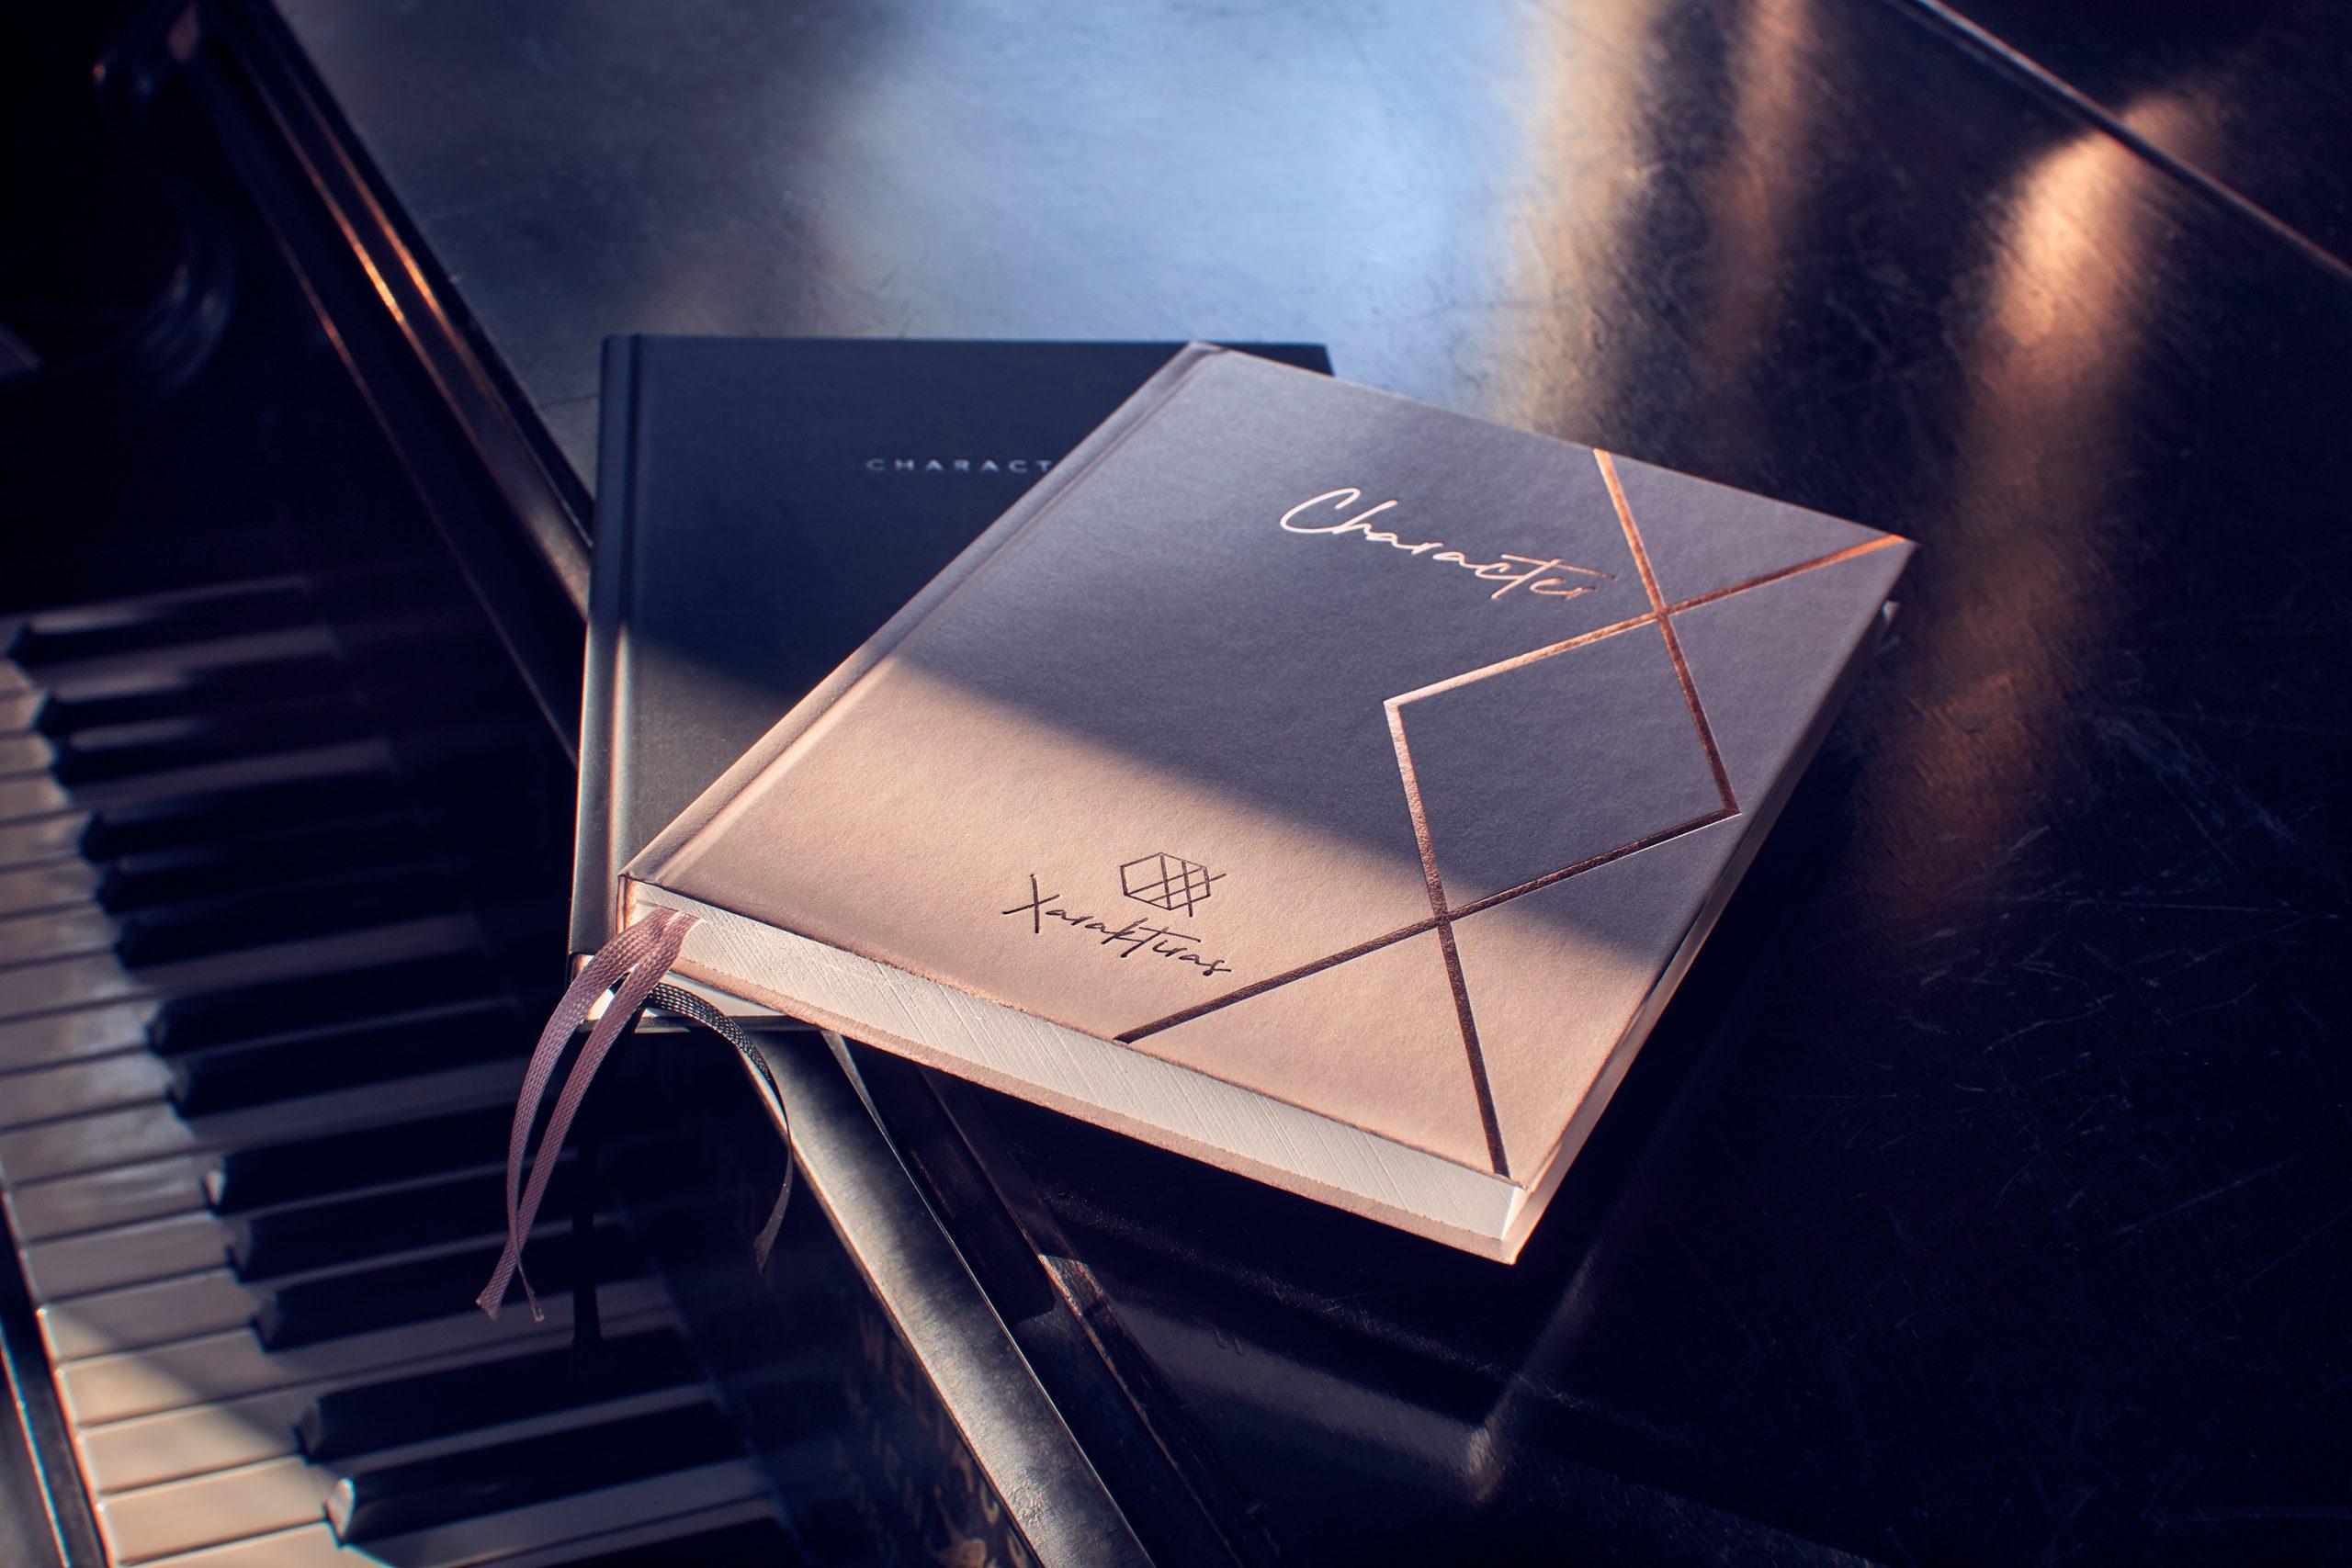 Xaraktiras Design-Notizbuch Classy und Pure